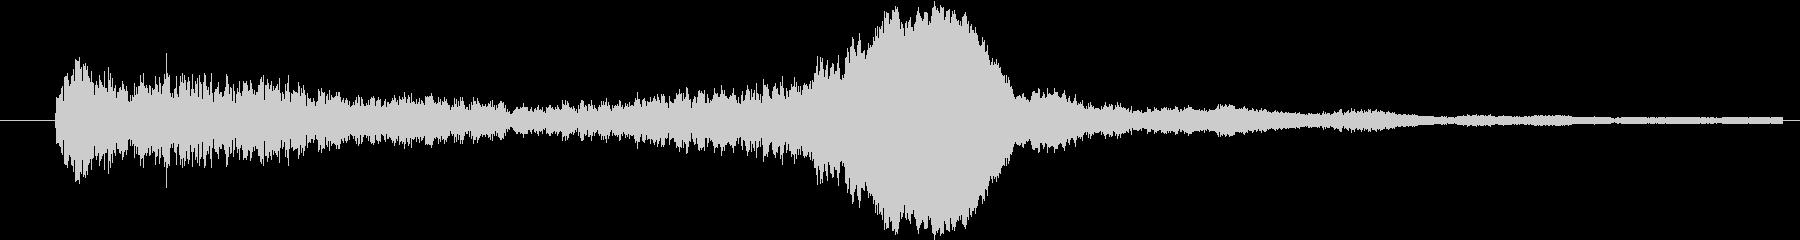 イメージ 言葉のノイズ07の未再生の波形